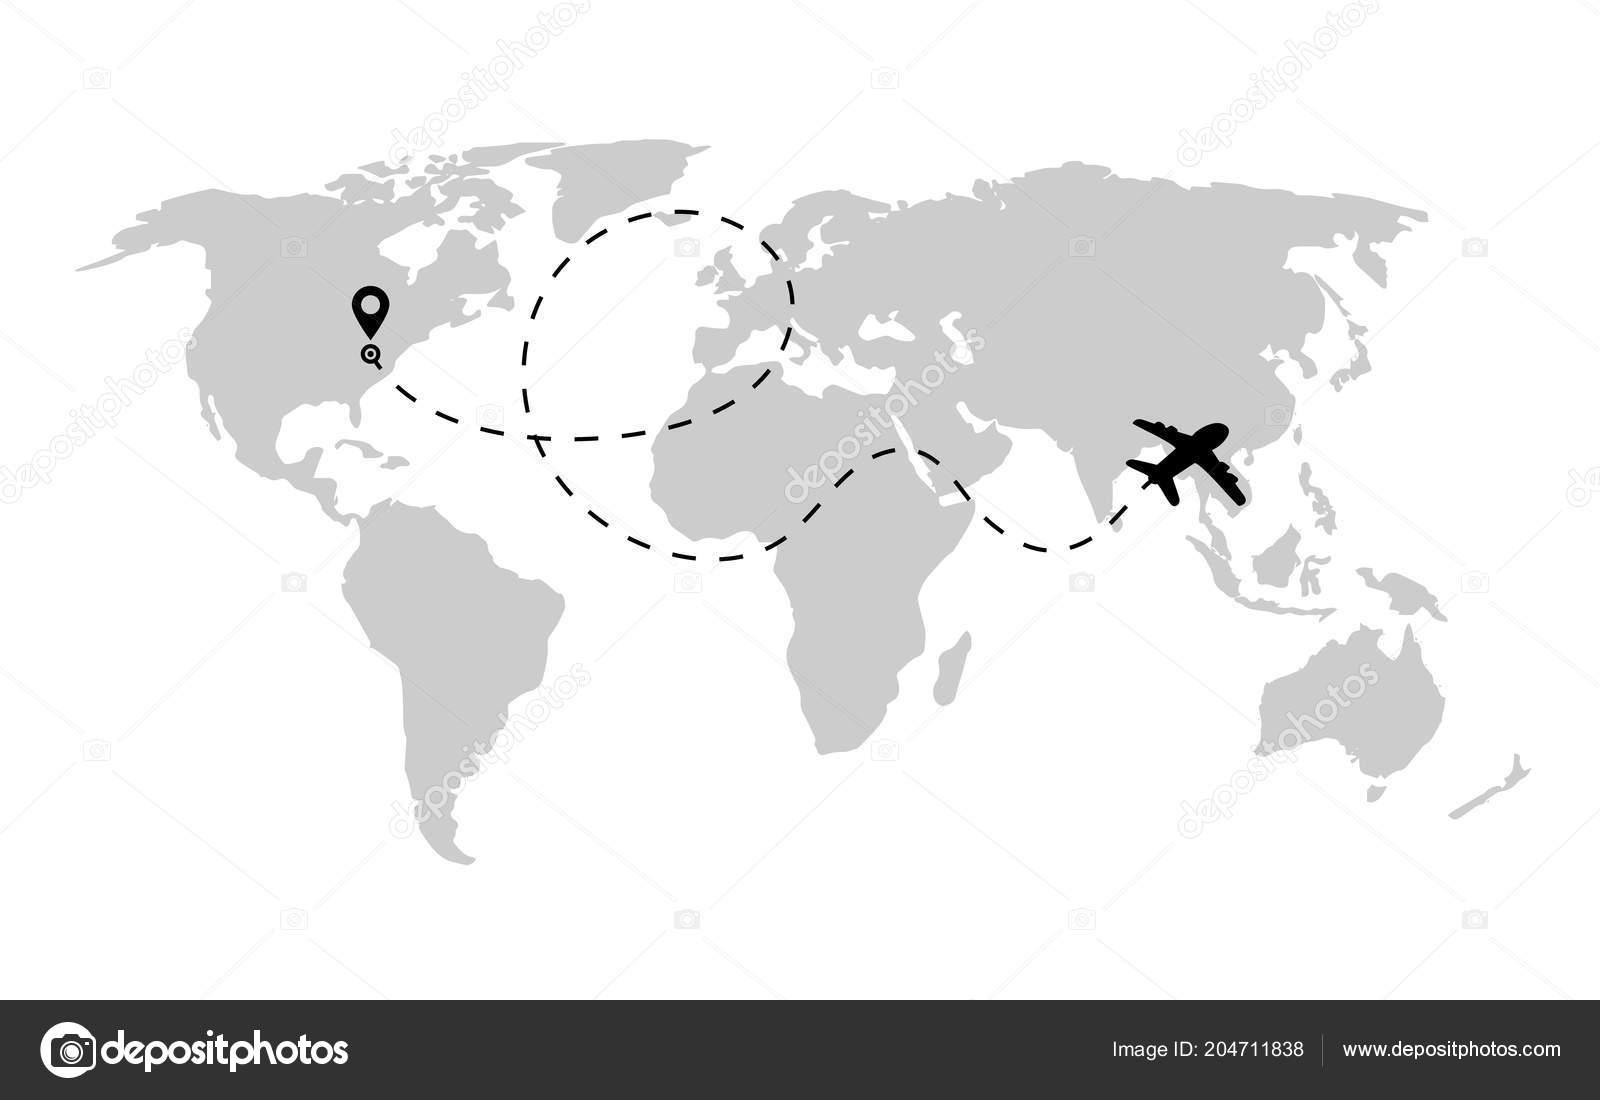 a4b55f6200 Ruta de avión en forma de línea discontinua en el mapa del mundo. Ruta de  avión con mundo mapa aislado sobre fondo blanco.